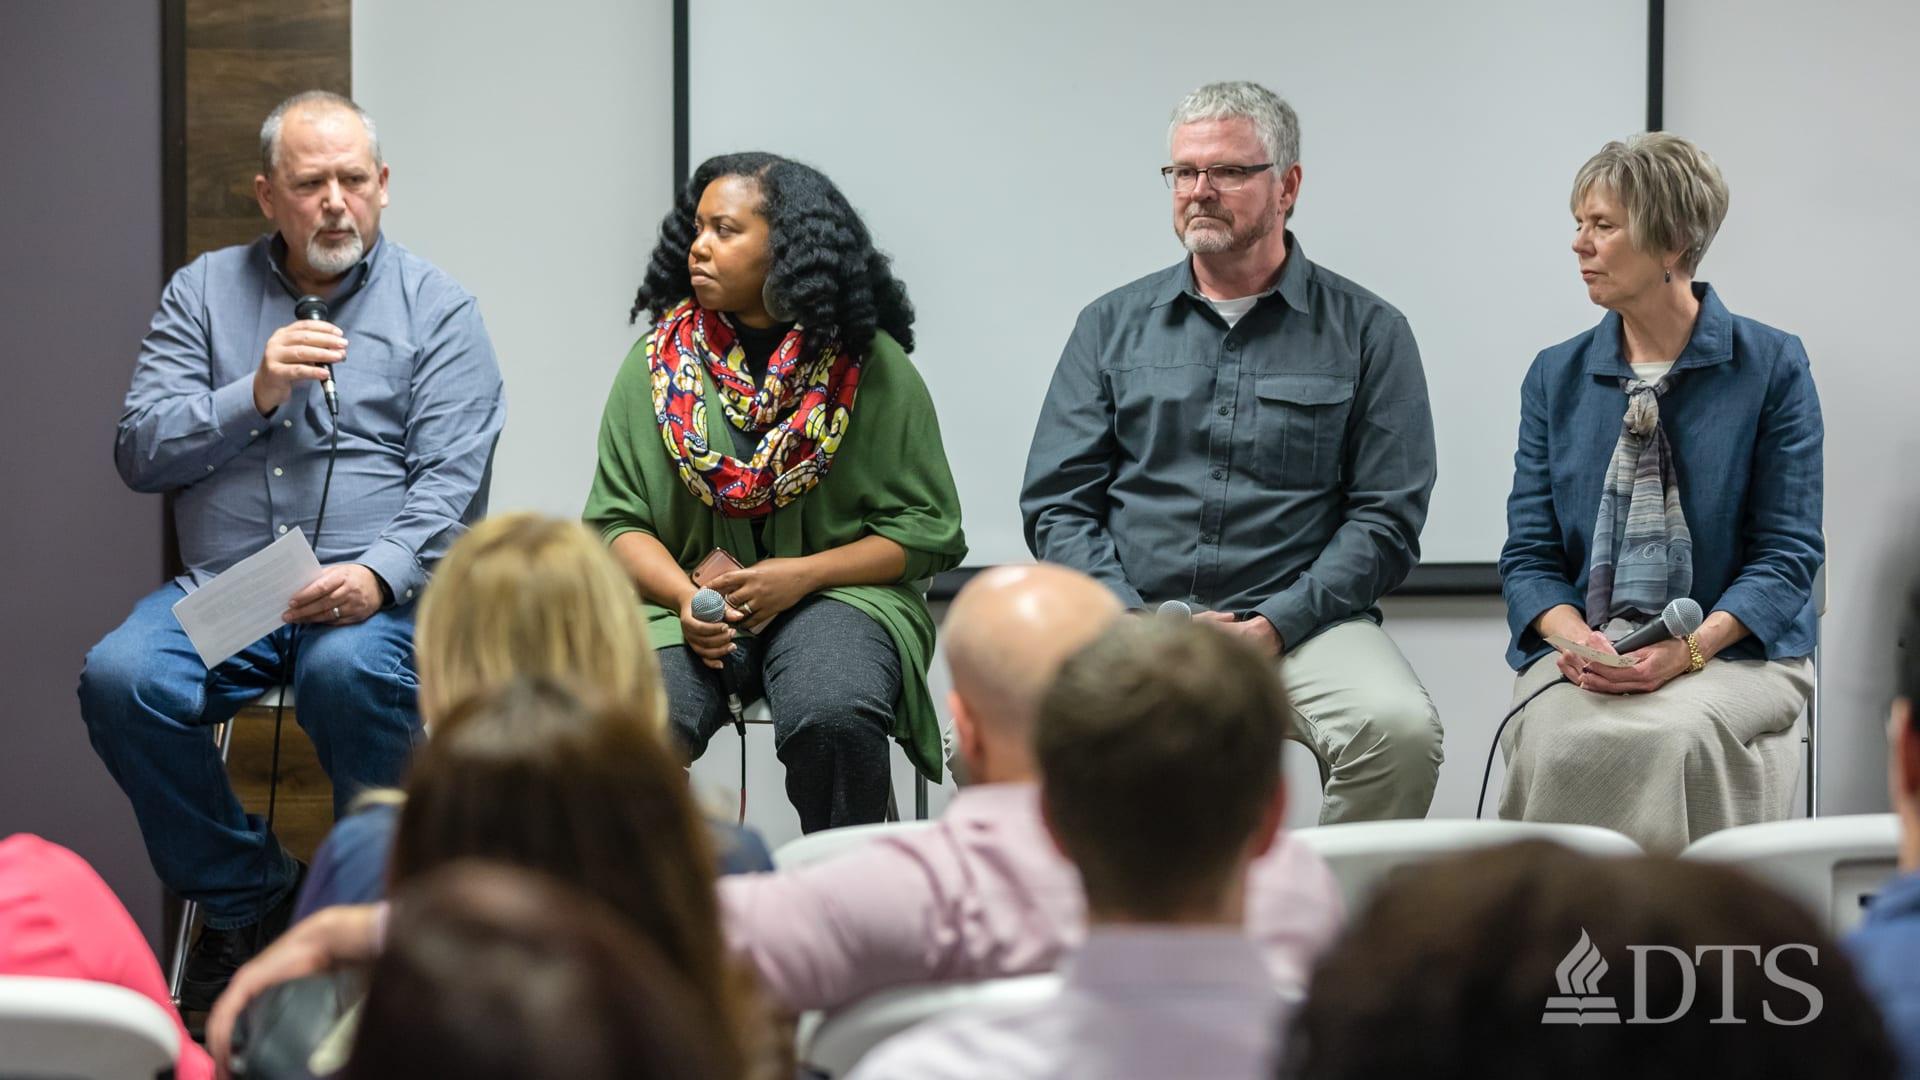 Dr. Glenn Kreider seated with men and women speaking as